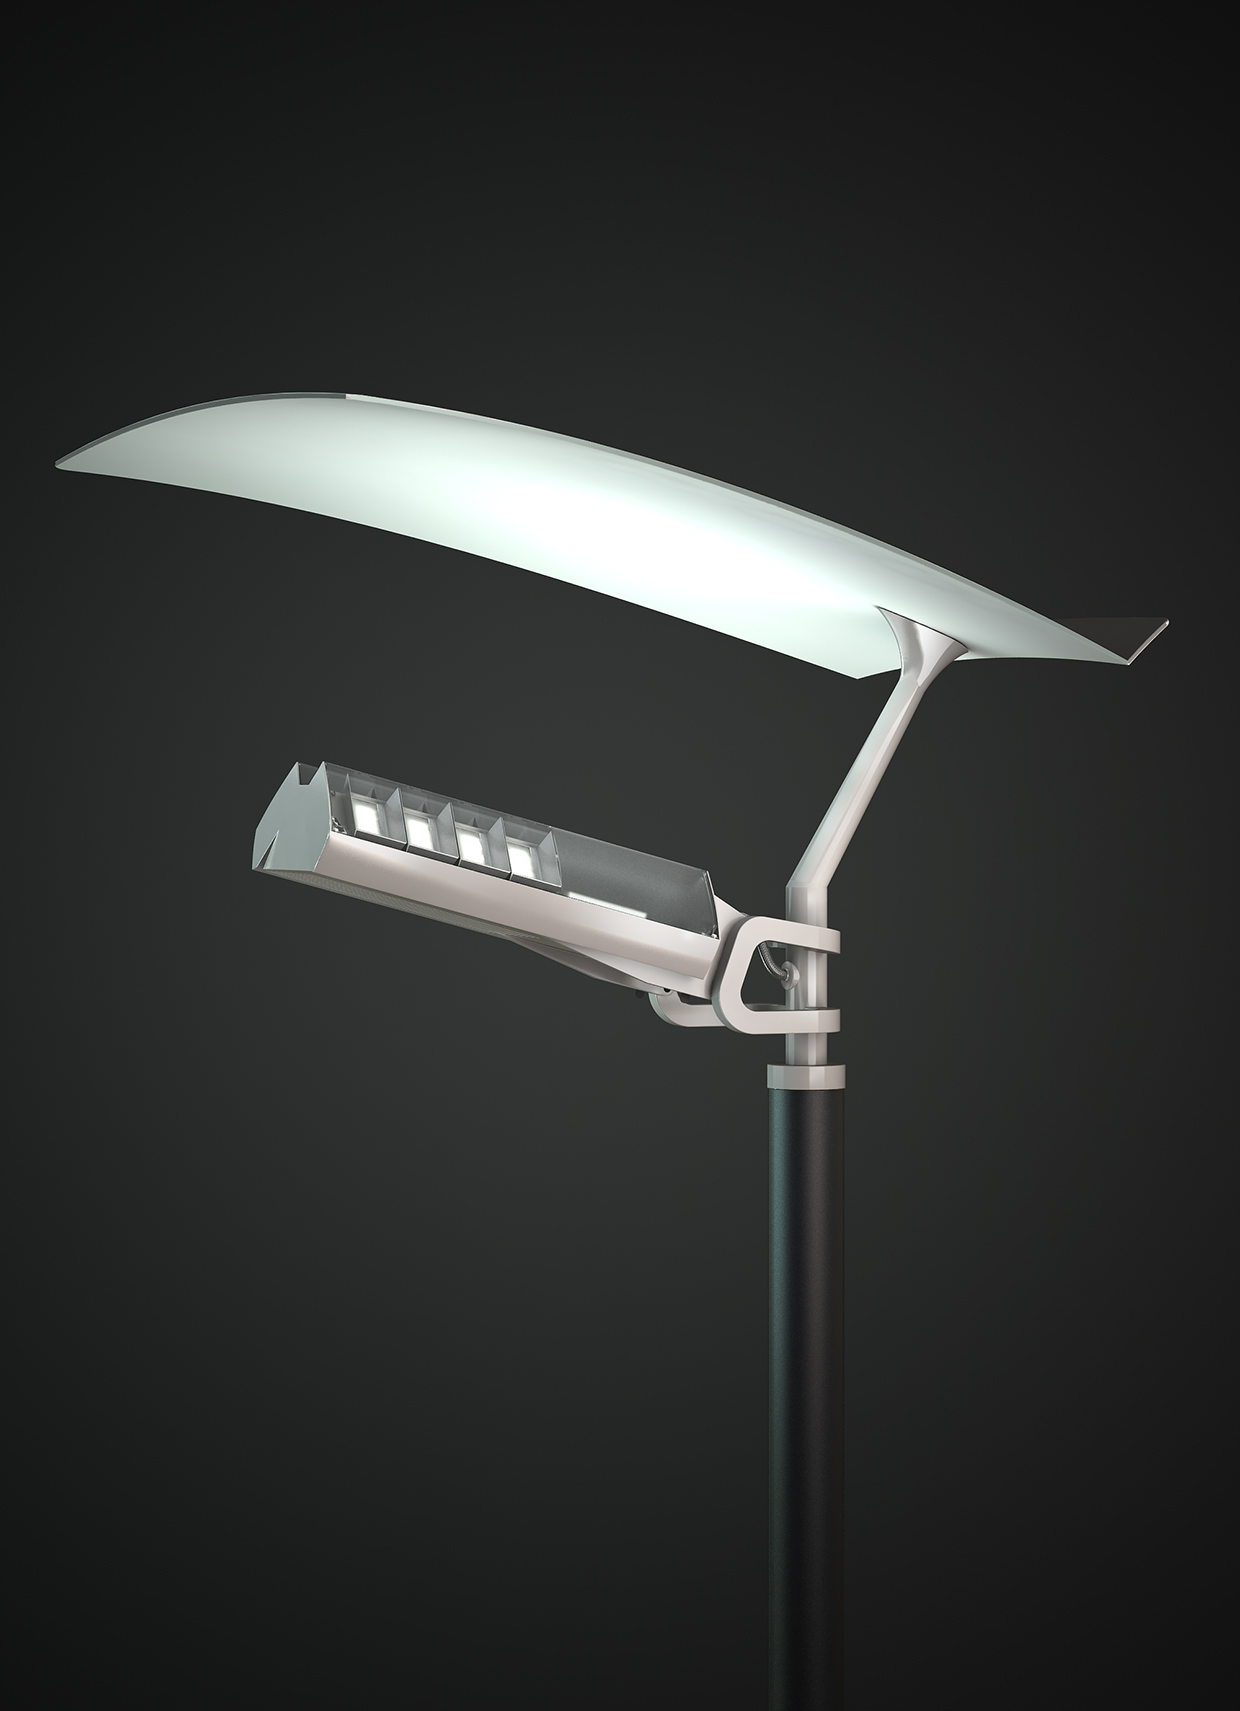 Dripmoon-archvis-graphiste3D-design-produits-images-3D-luminairesNoctabene- copie